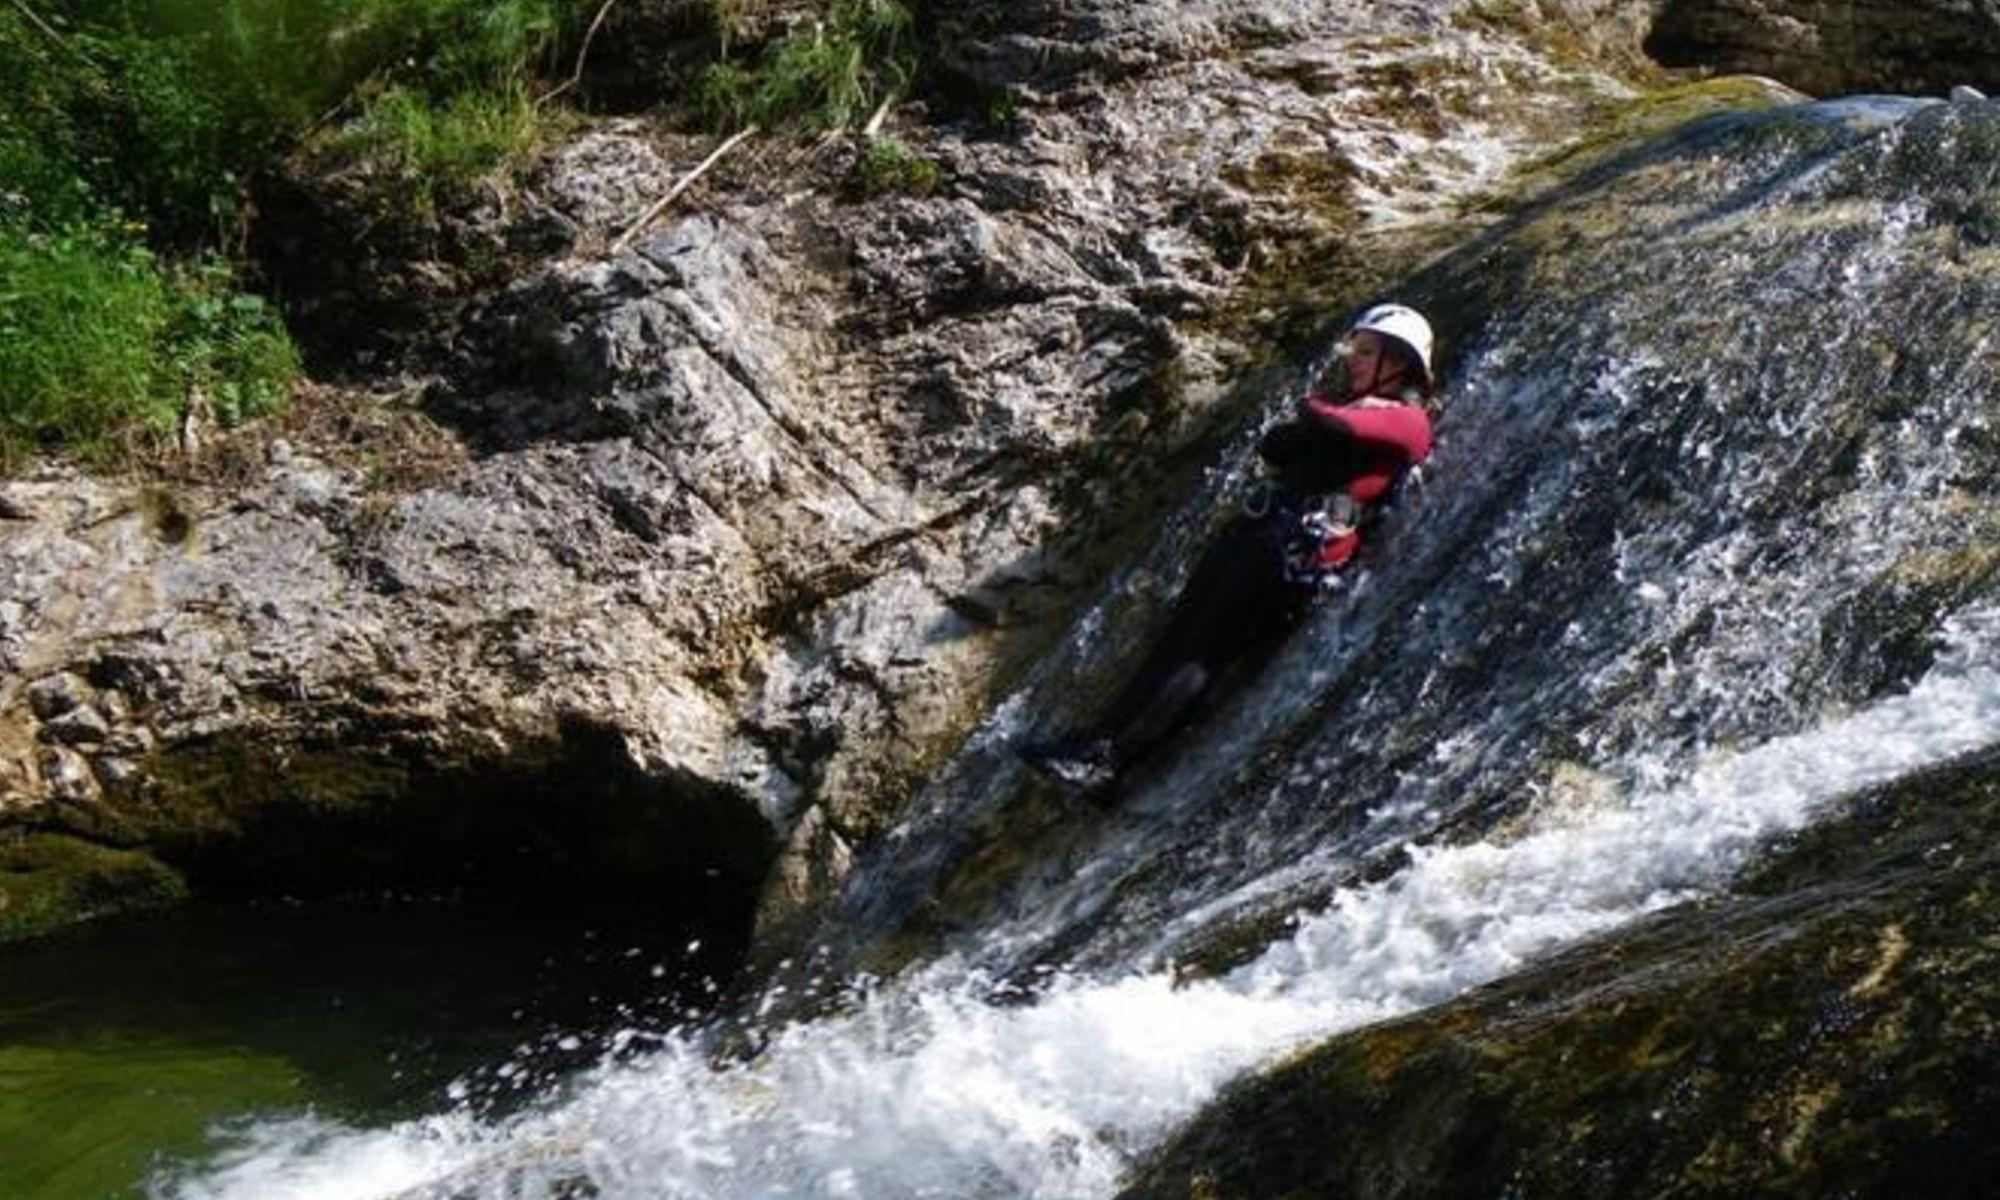 Eine Teilnehmerin einer Canyoning Tour in Wildalpen rutscht an einem Wasserfall hinab.